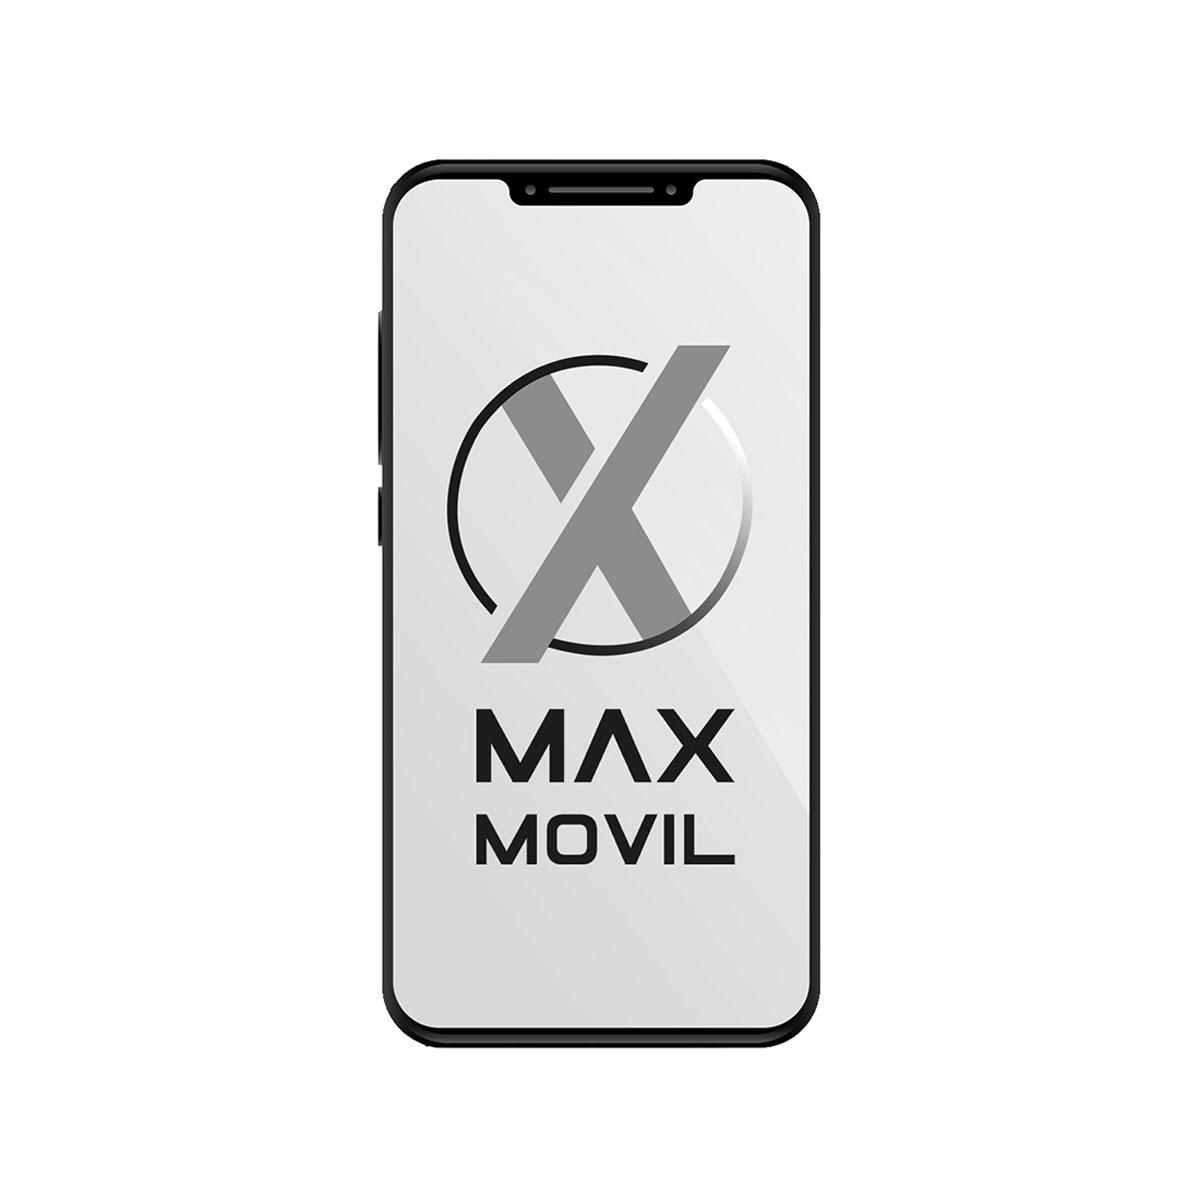 Tablet LG G Pad v490 8.0 negro 4G